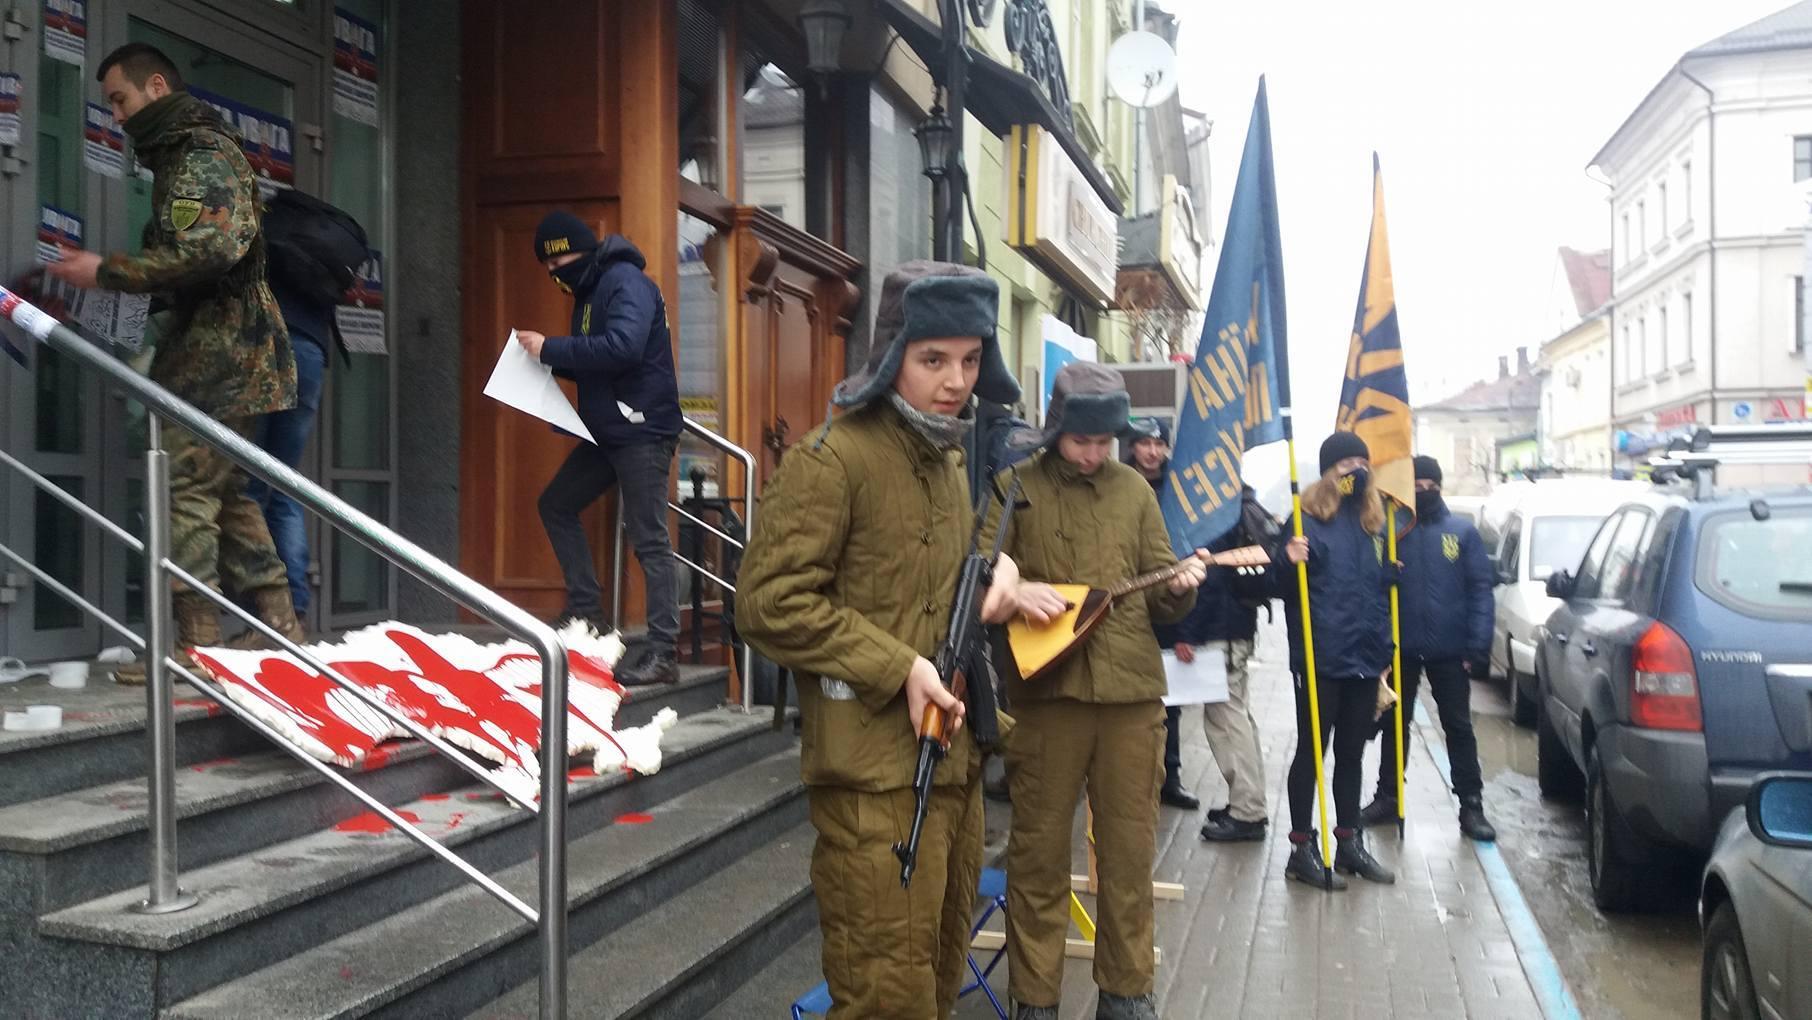 Активисты провели пикетирование российских банков в Ивано-Франковске - Цензор.НЕТ 7326